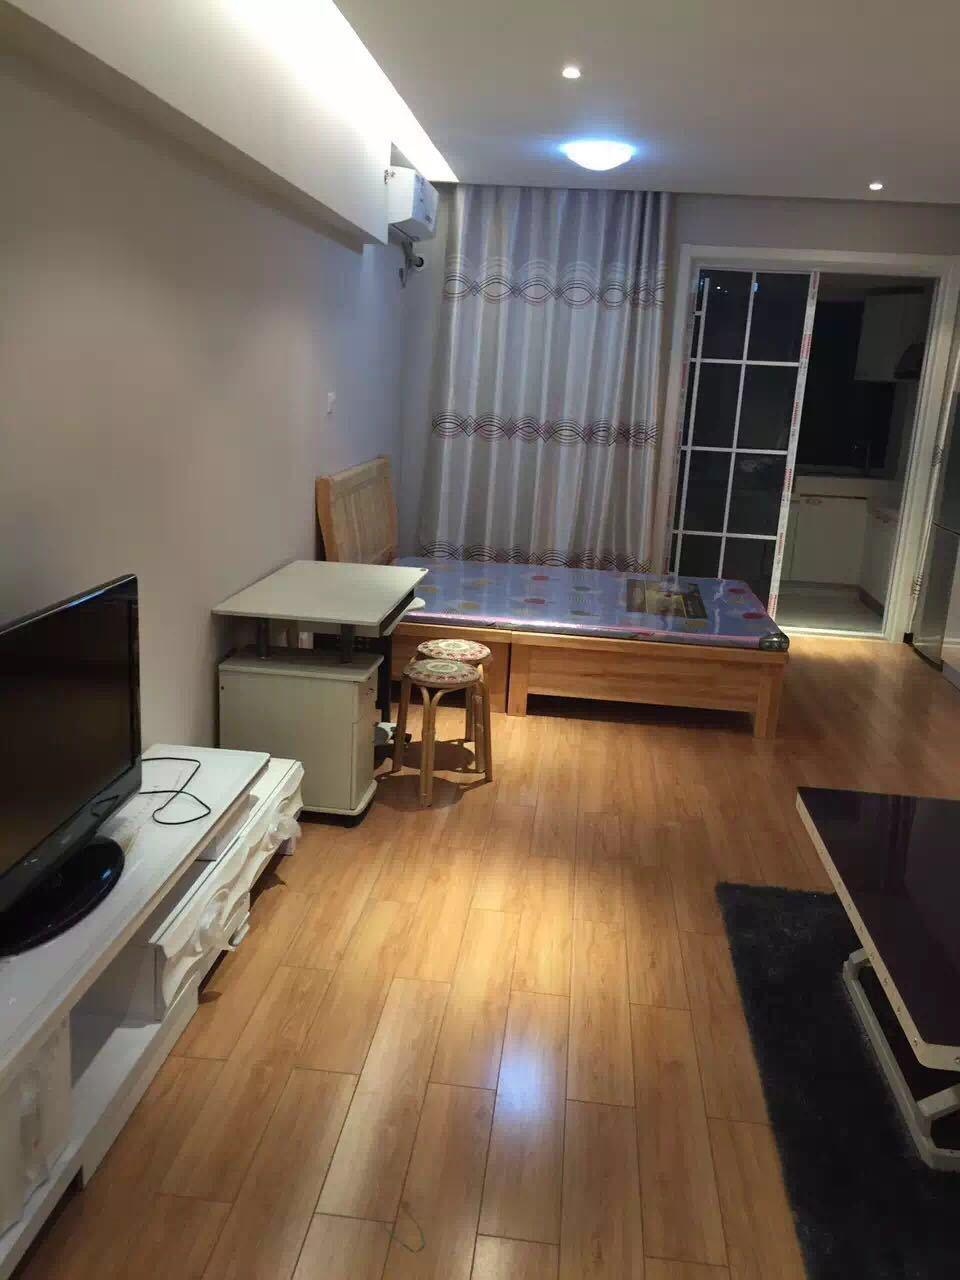 黄金国际 精装公寓 全套家具家电 拎包入住黄金国际